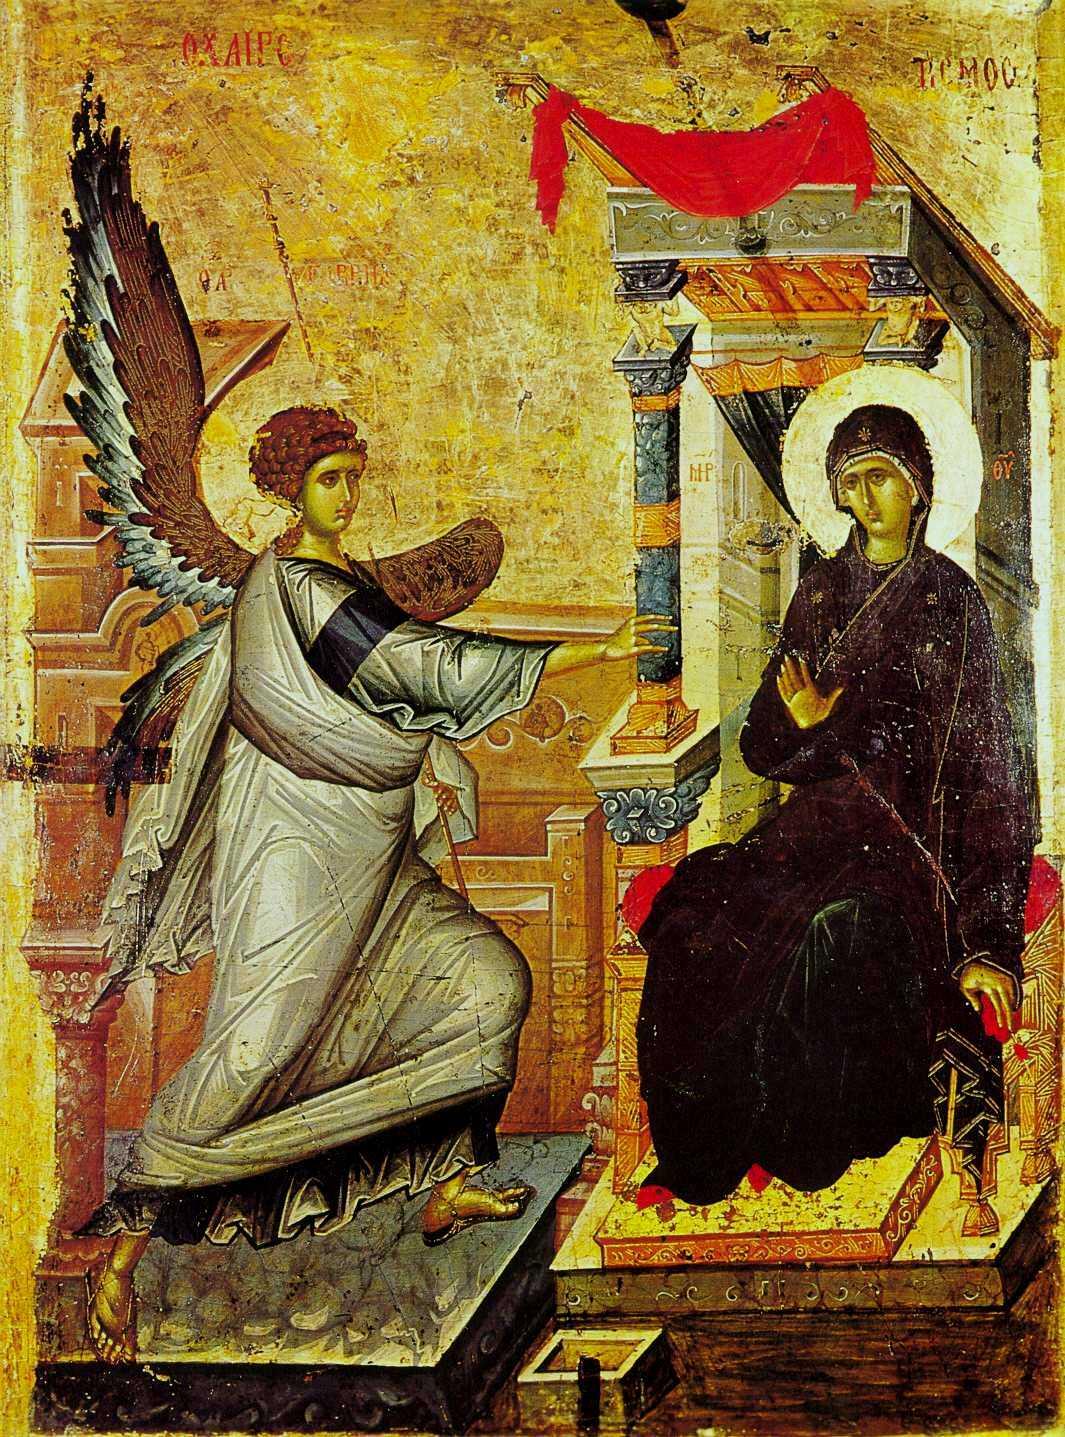 Εικόνα του Ευγγγελισμού από την Αχρίδα, πρώτο τέταρτο του 14ου αιώνα.